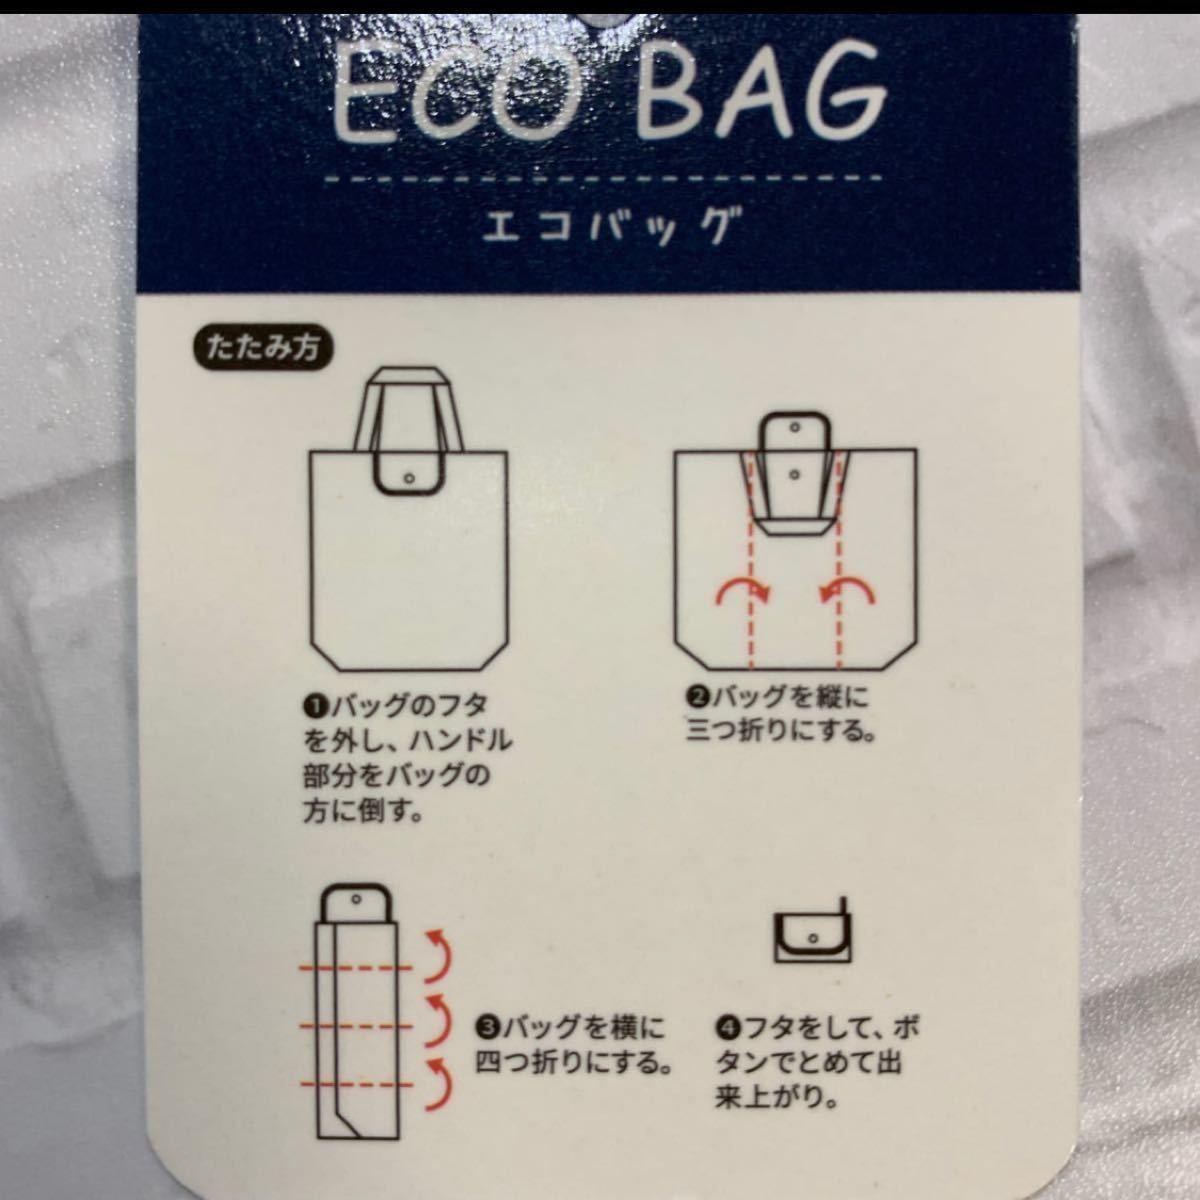 ショッピングバッグ、エコバッグムーミンとスヌーピー2個セット